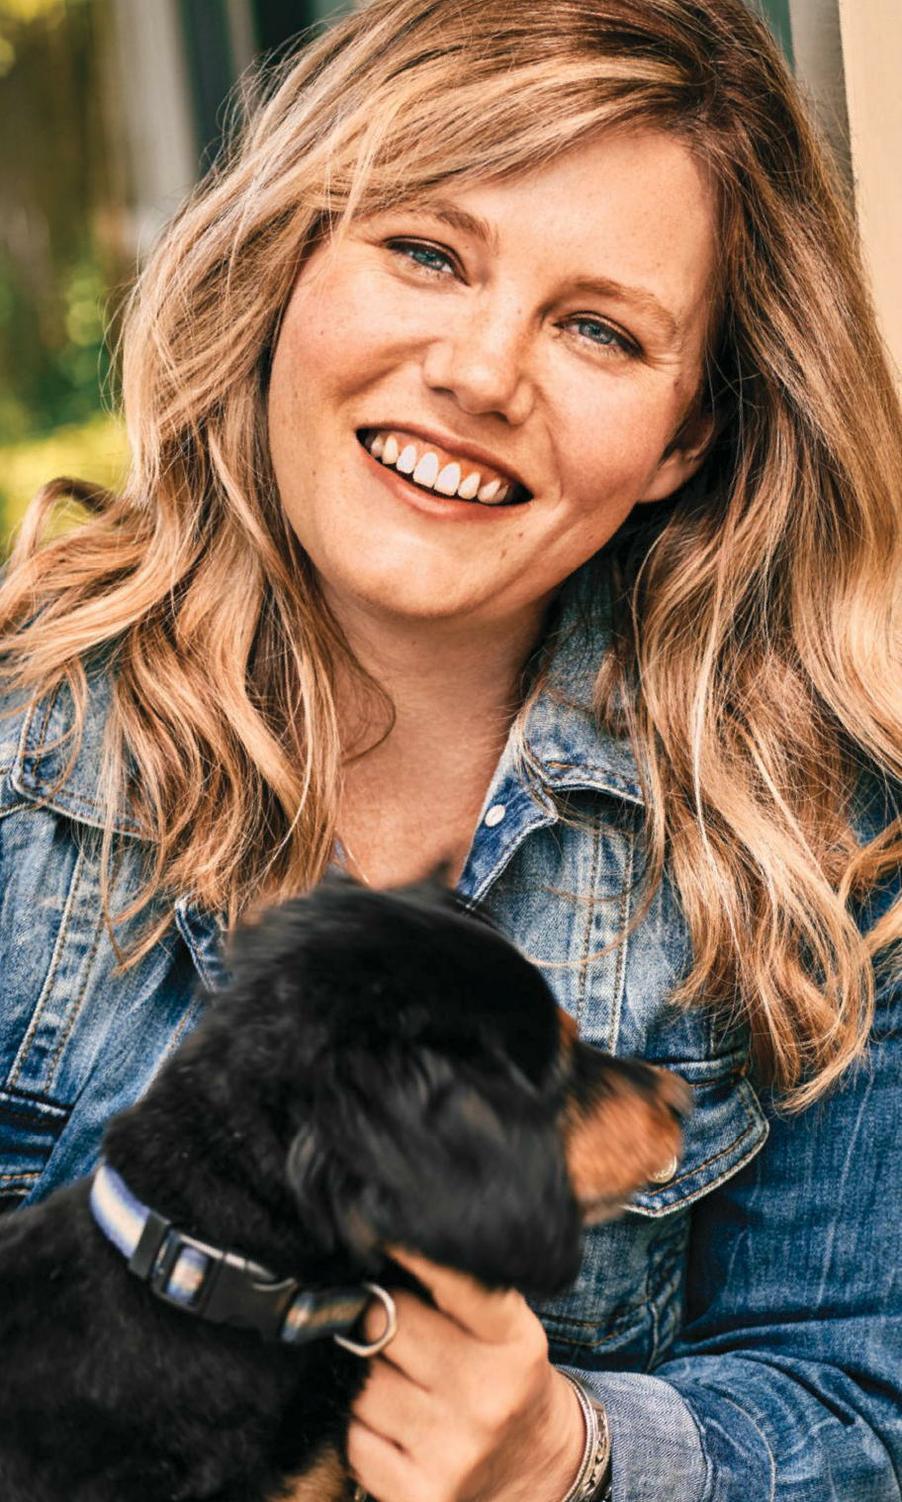 Jaycee Dugard Daughters Photos: Jaycee Dugard 'I Have Rebuilt My Life'